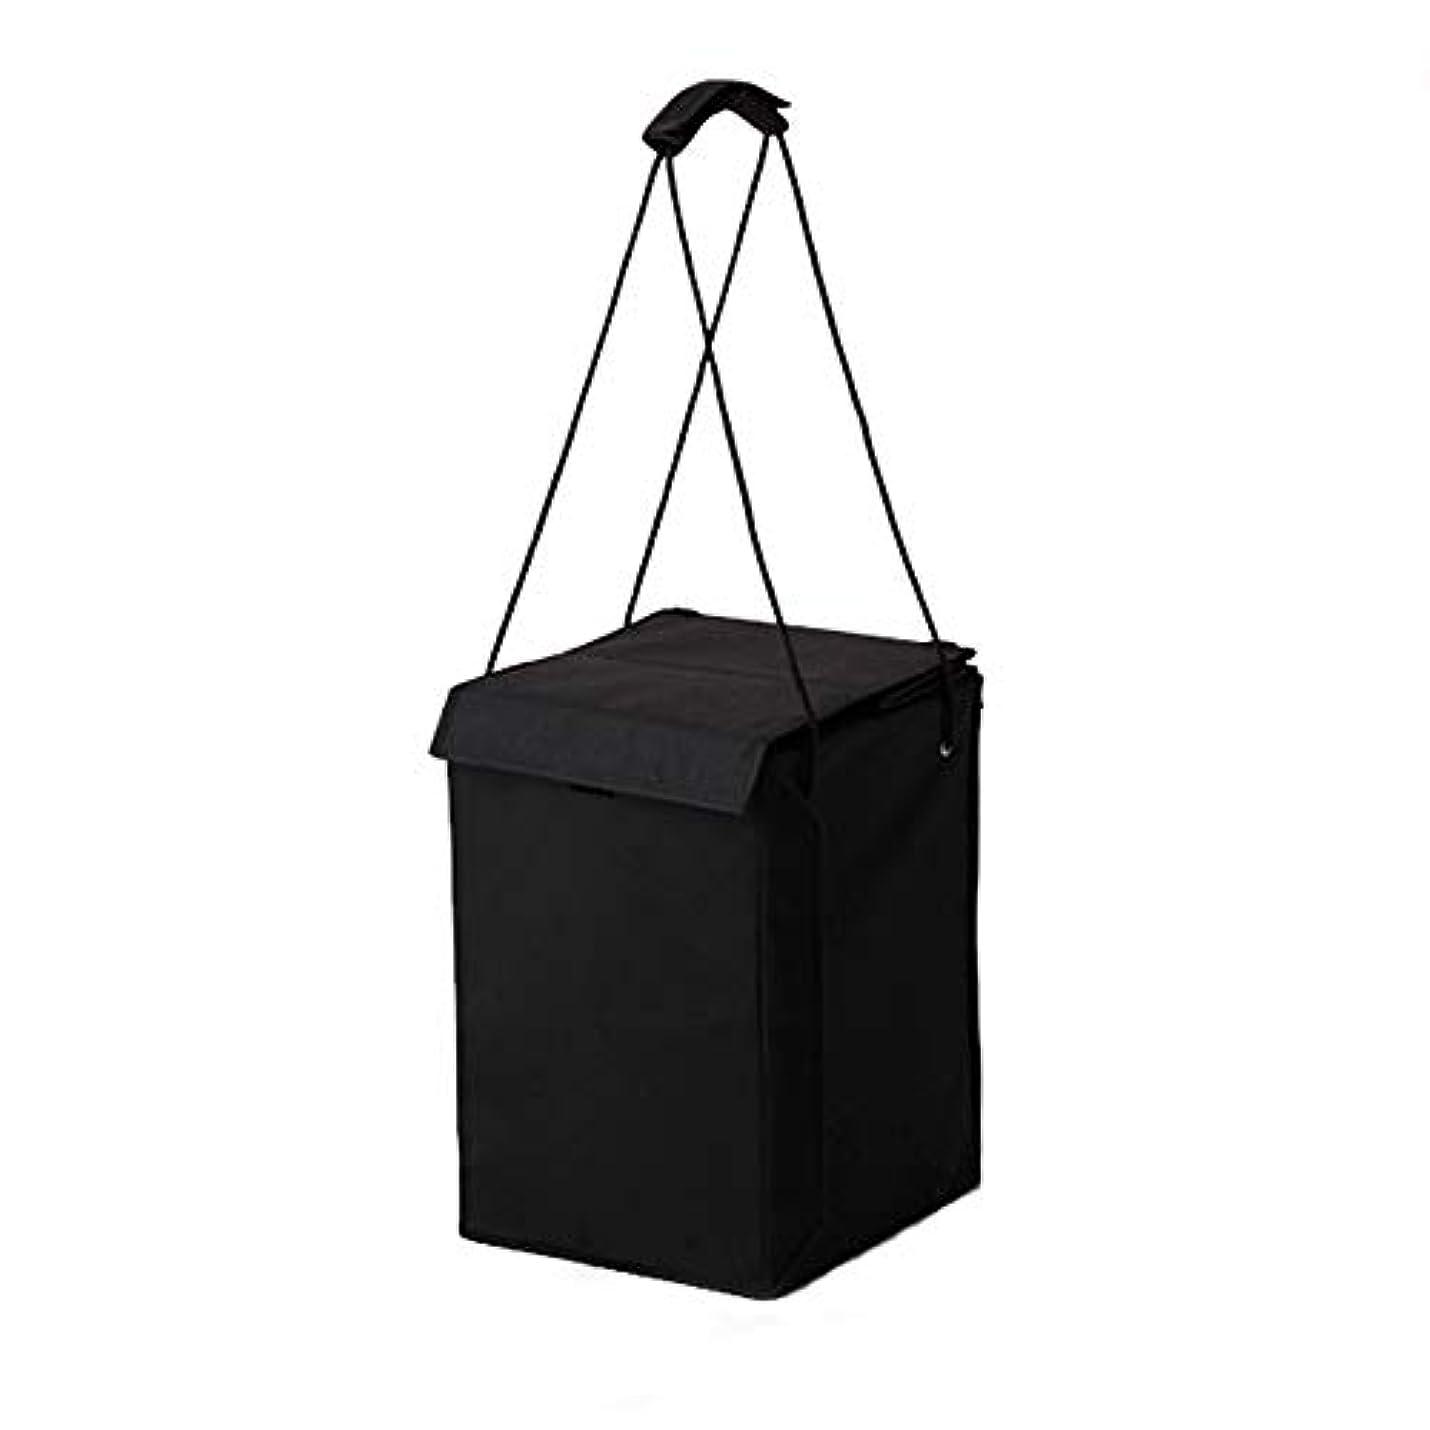 どこにも論文行方不明ウィッグインバッグ コスプレ グッズ 黒 ブラック 折りたたみ 持ち運び